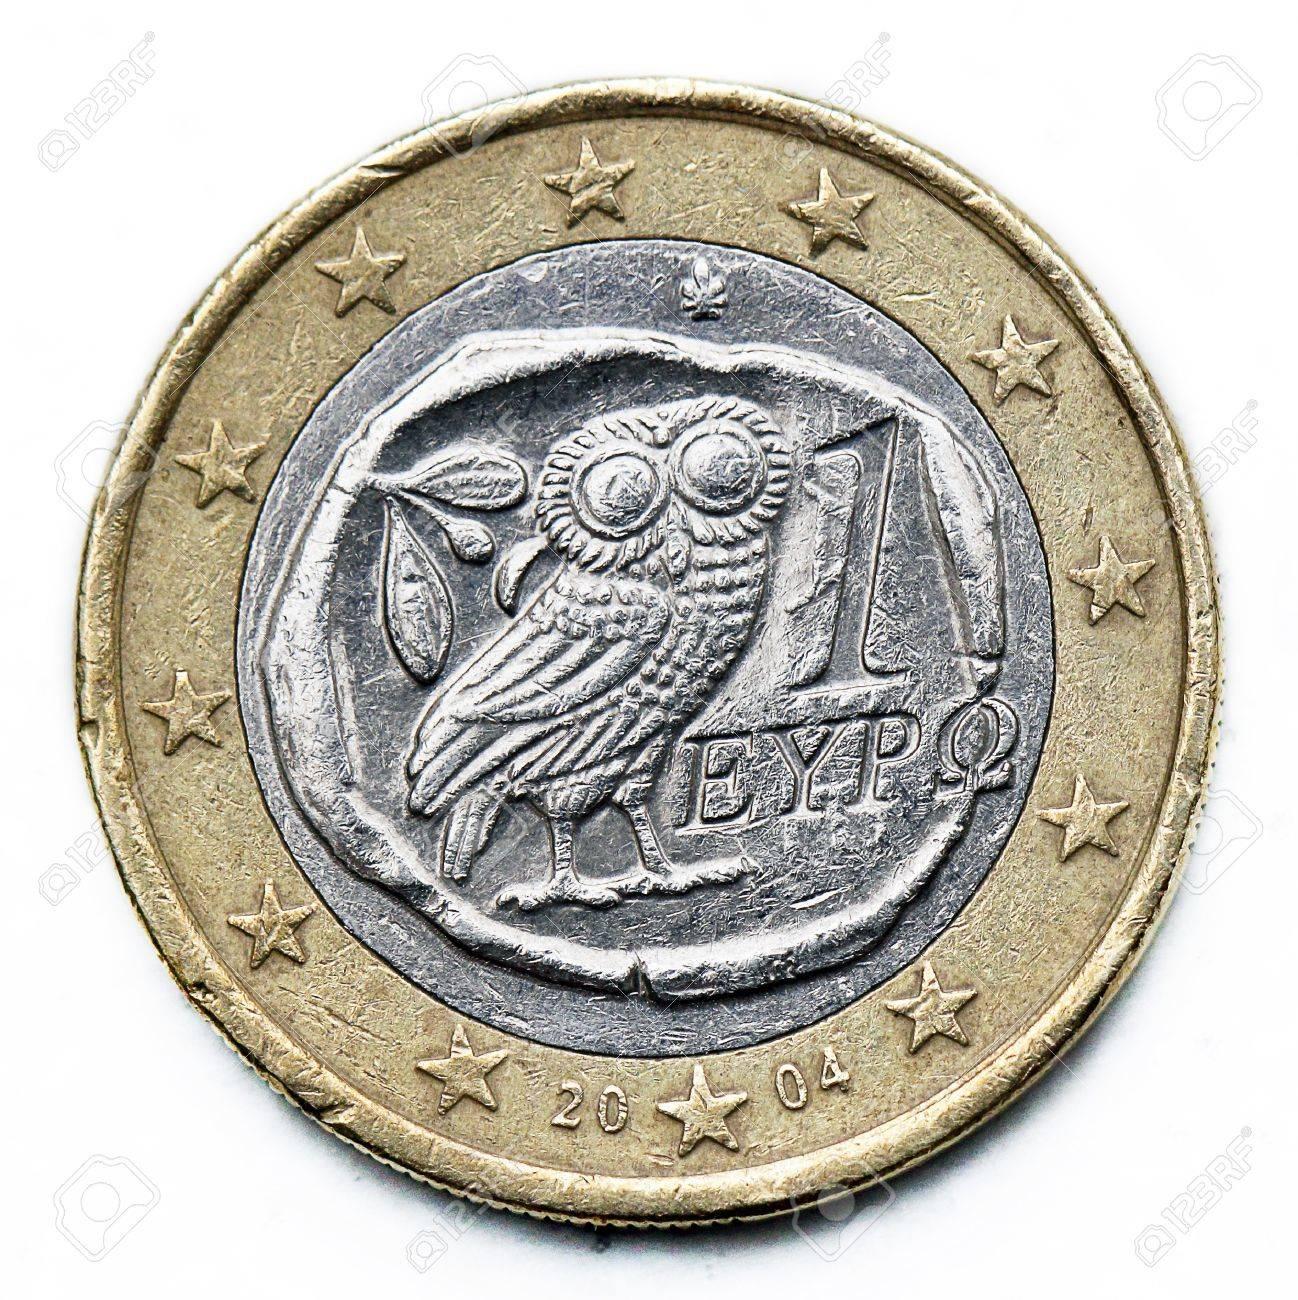 greece euro coin - 21809461